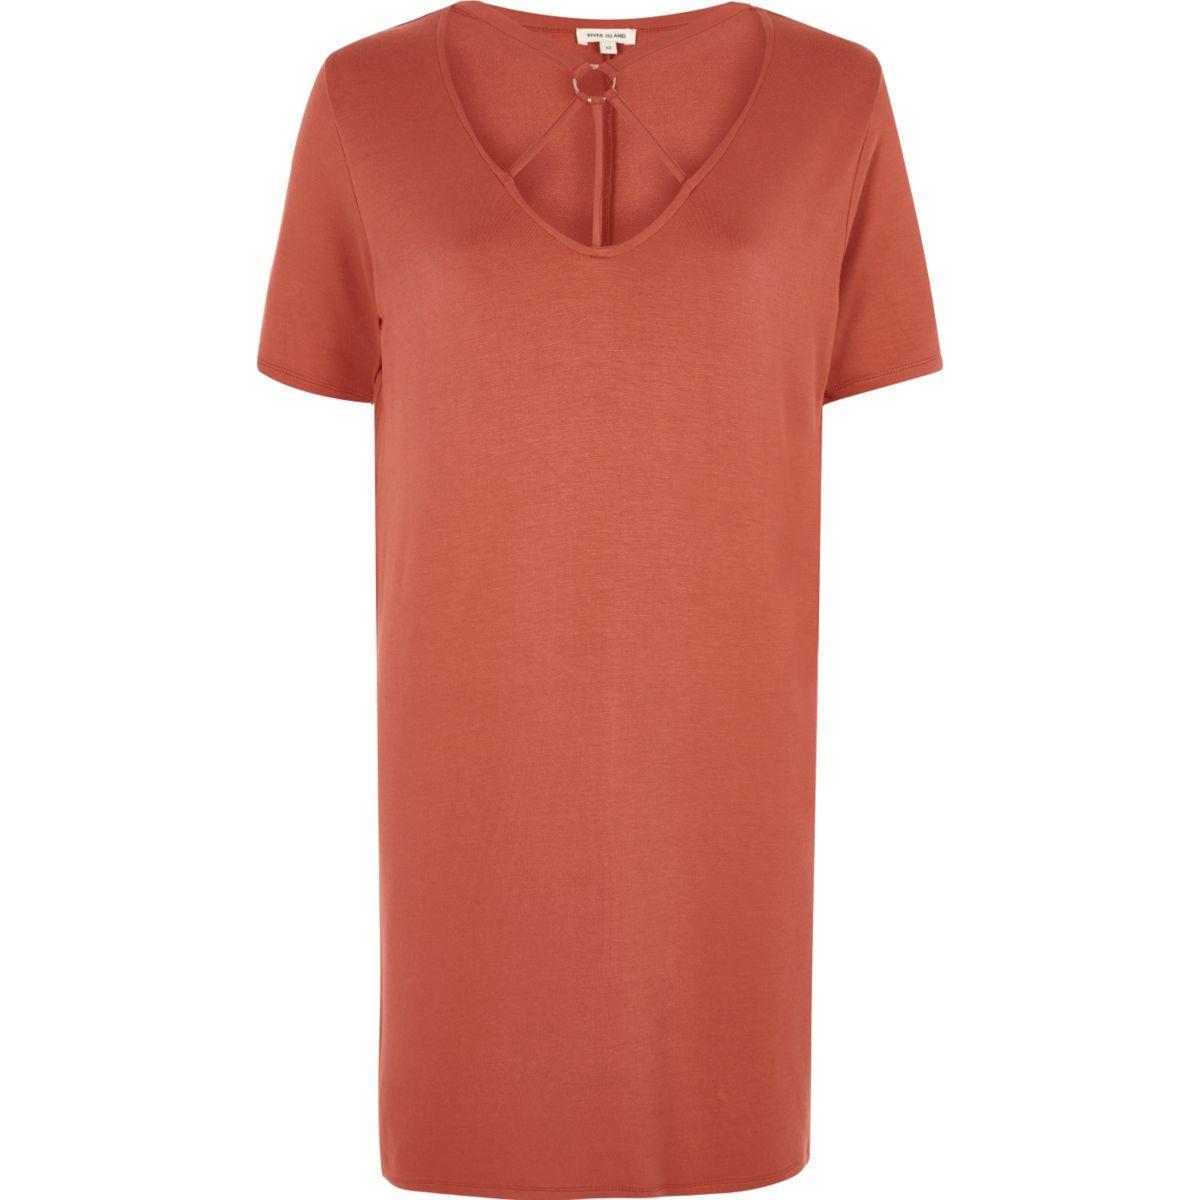 Orange harness neck oversized T shirt